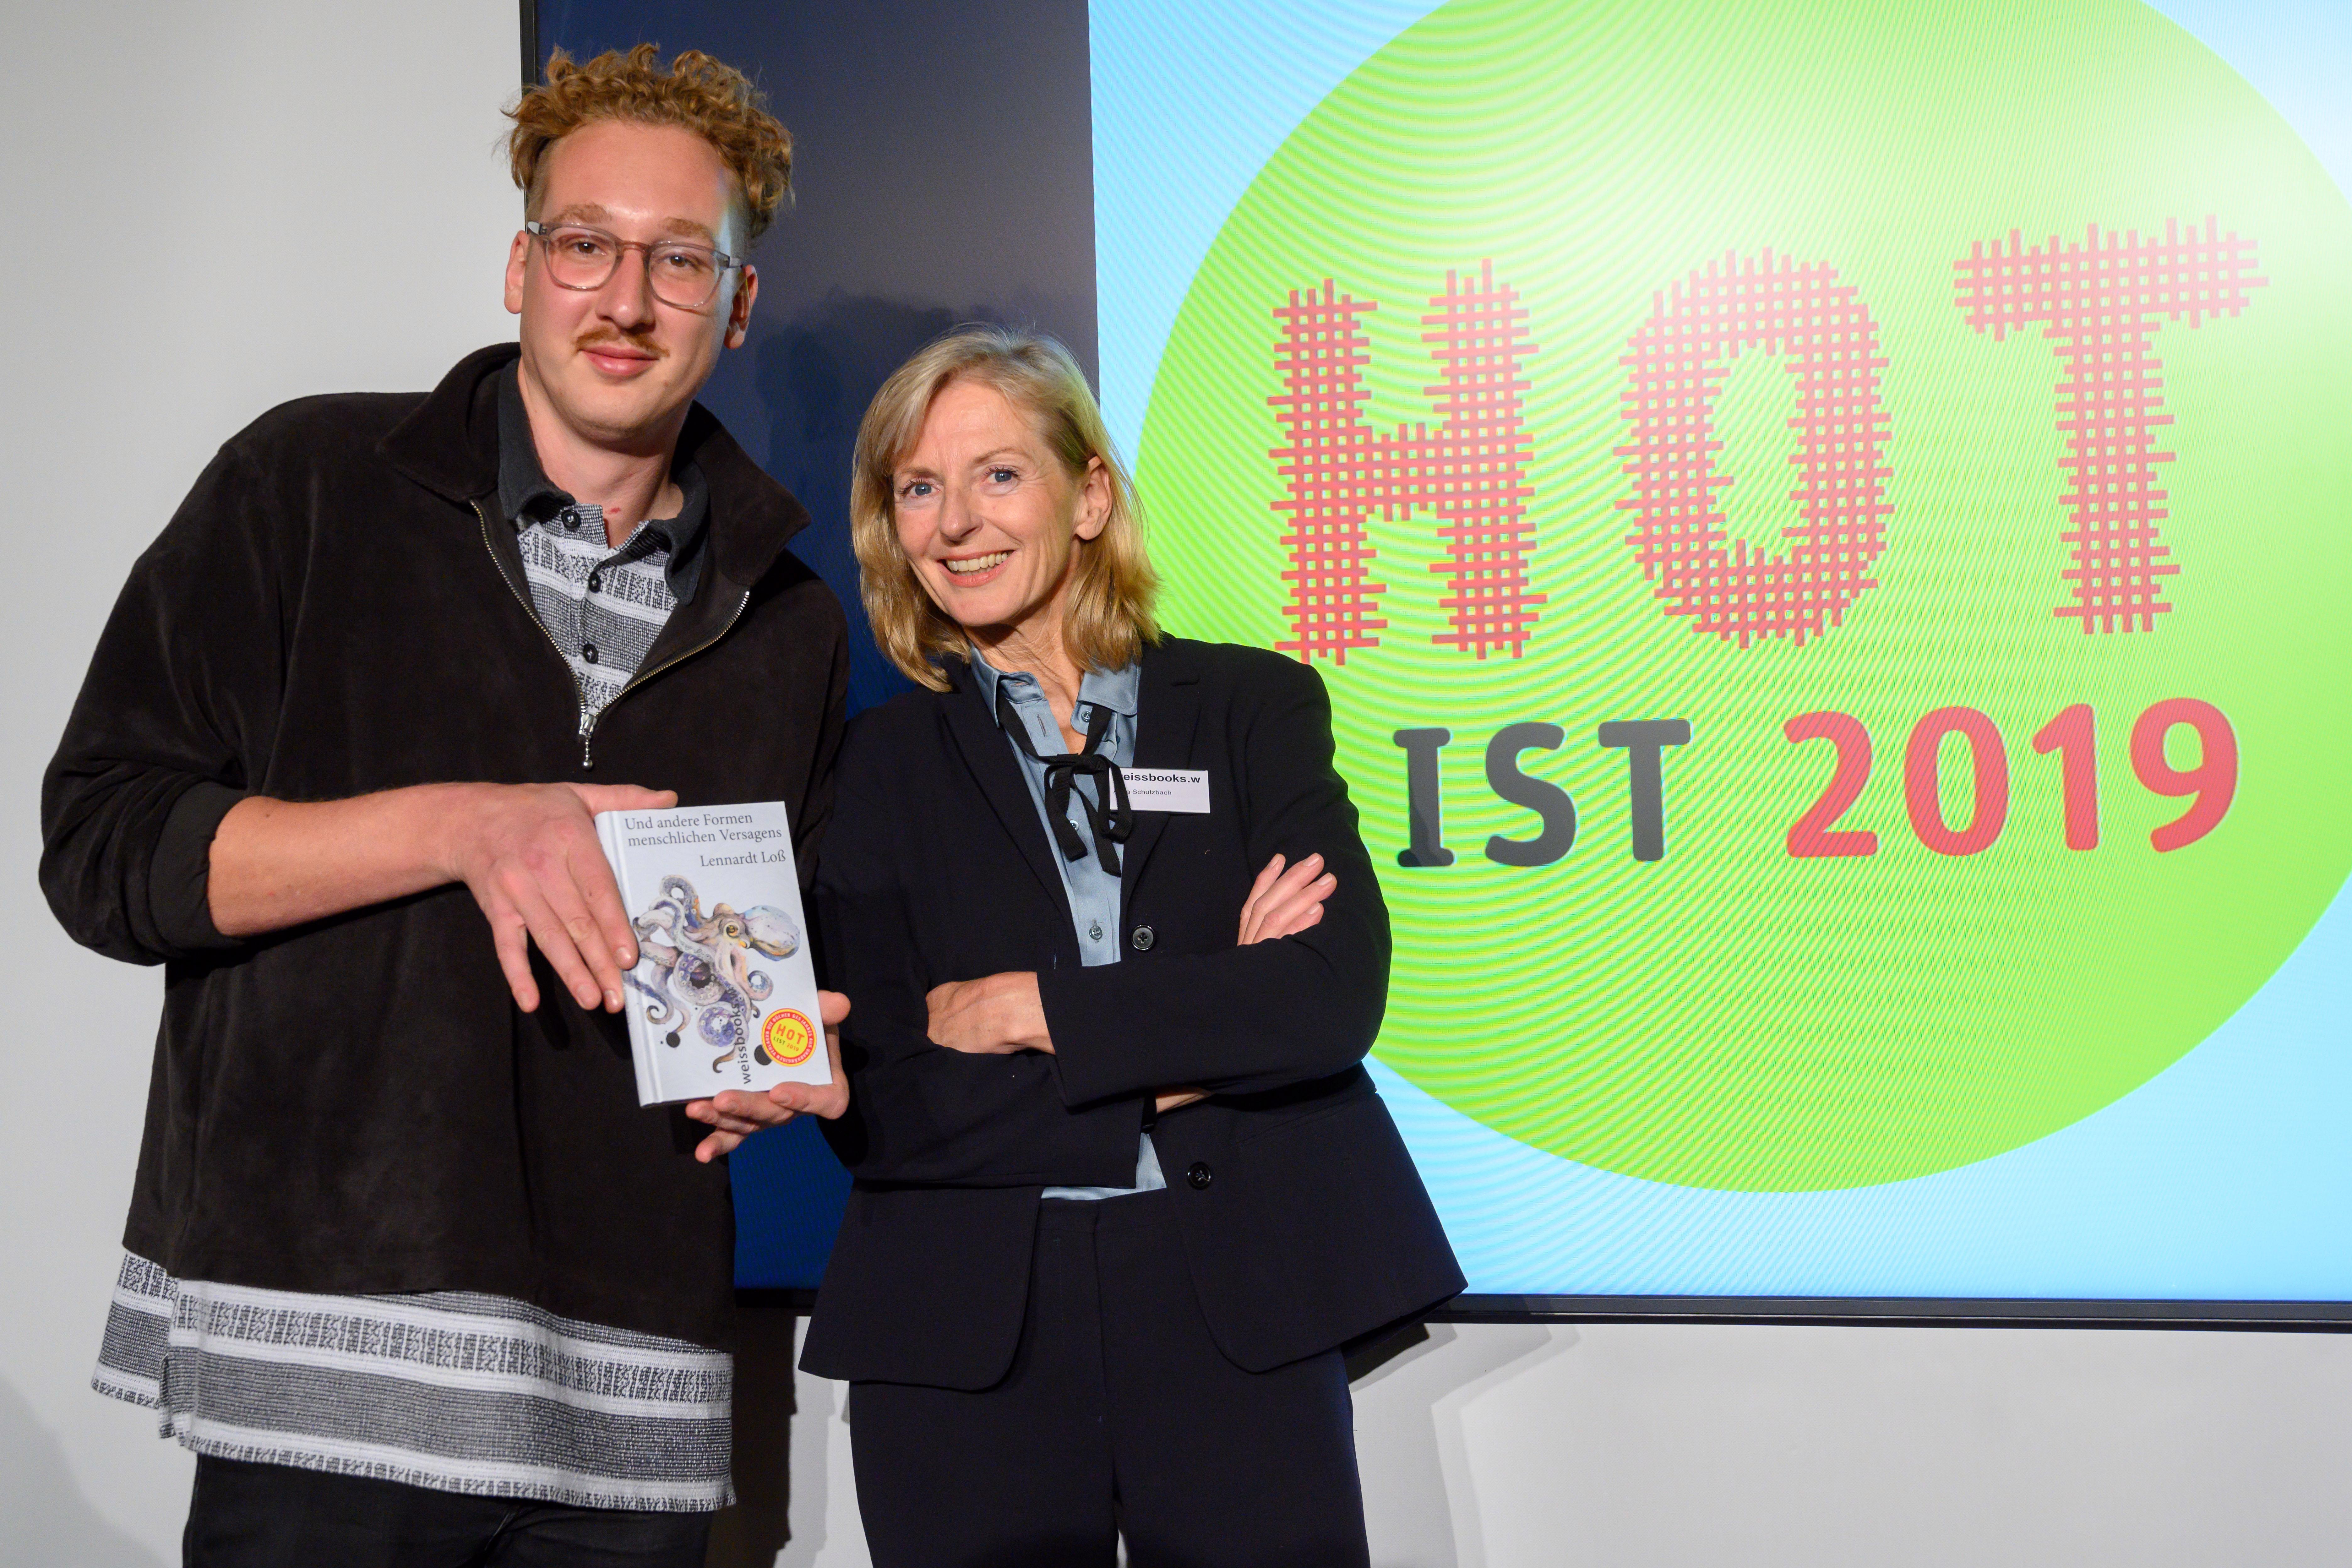 Preisträger Hotlist 2019 2